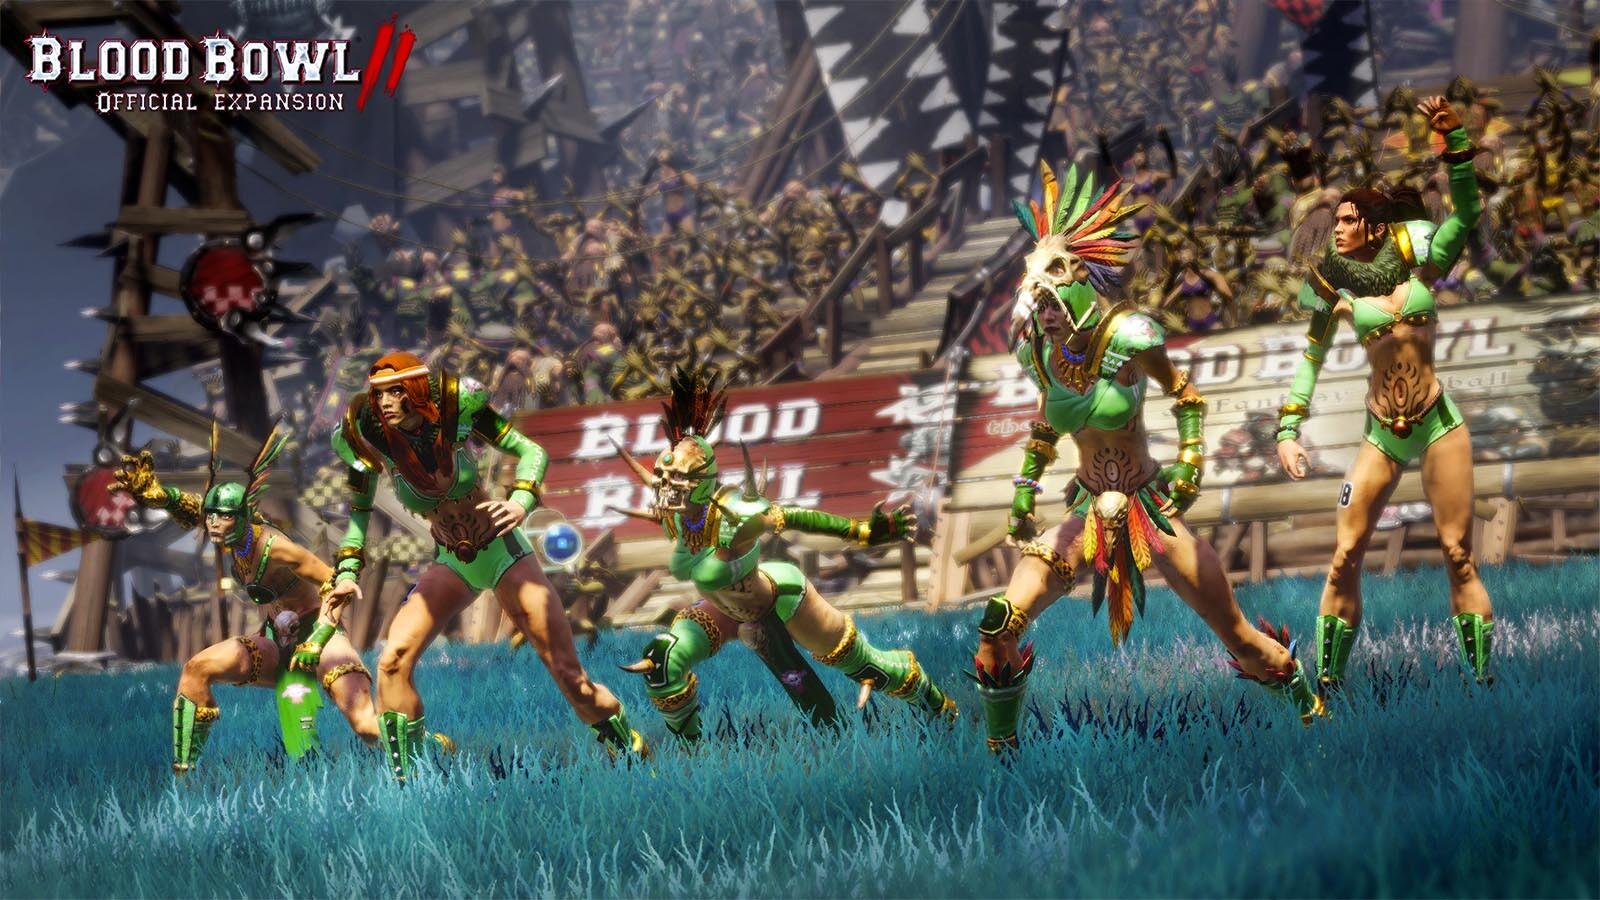 Blood Bowl Official Expansion Steam CD Key Für PC Und Mac - Minecraft spiel kaufen amazon